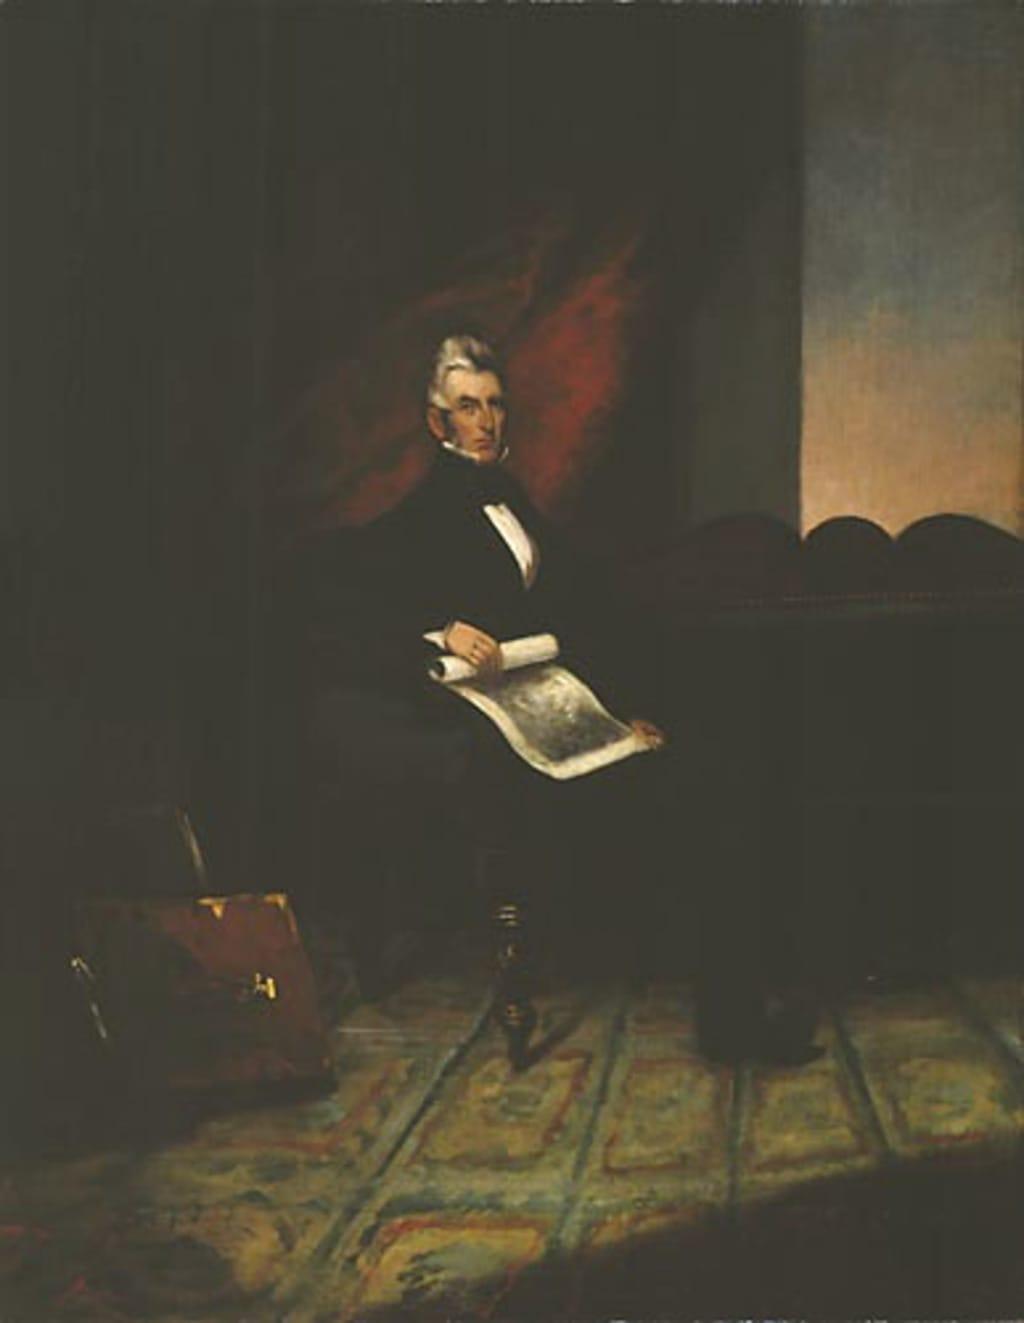 James Turnbull, père